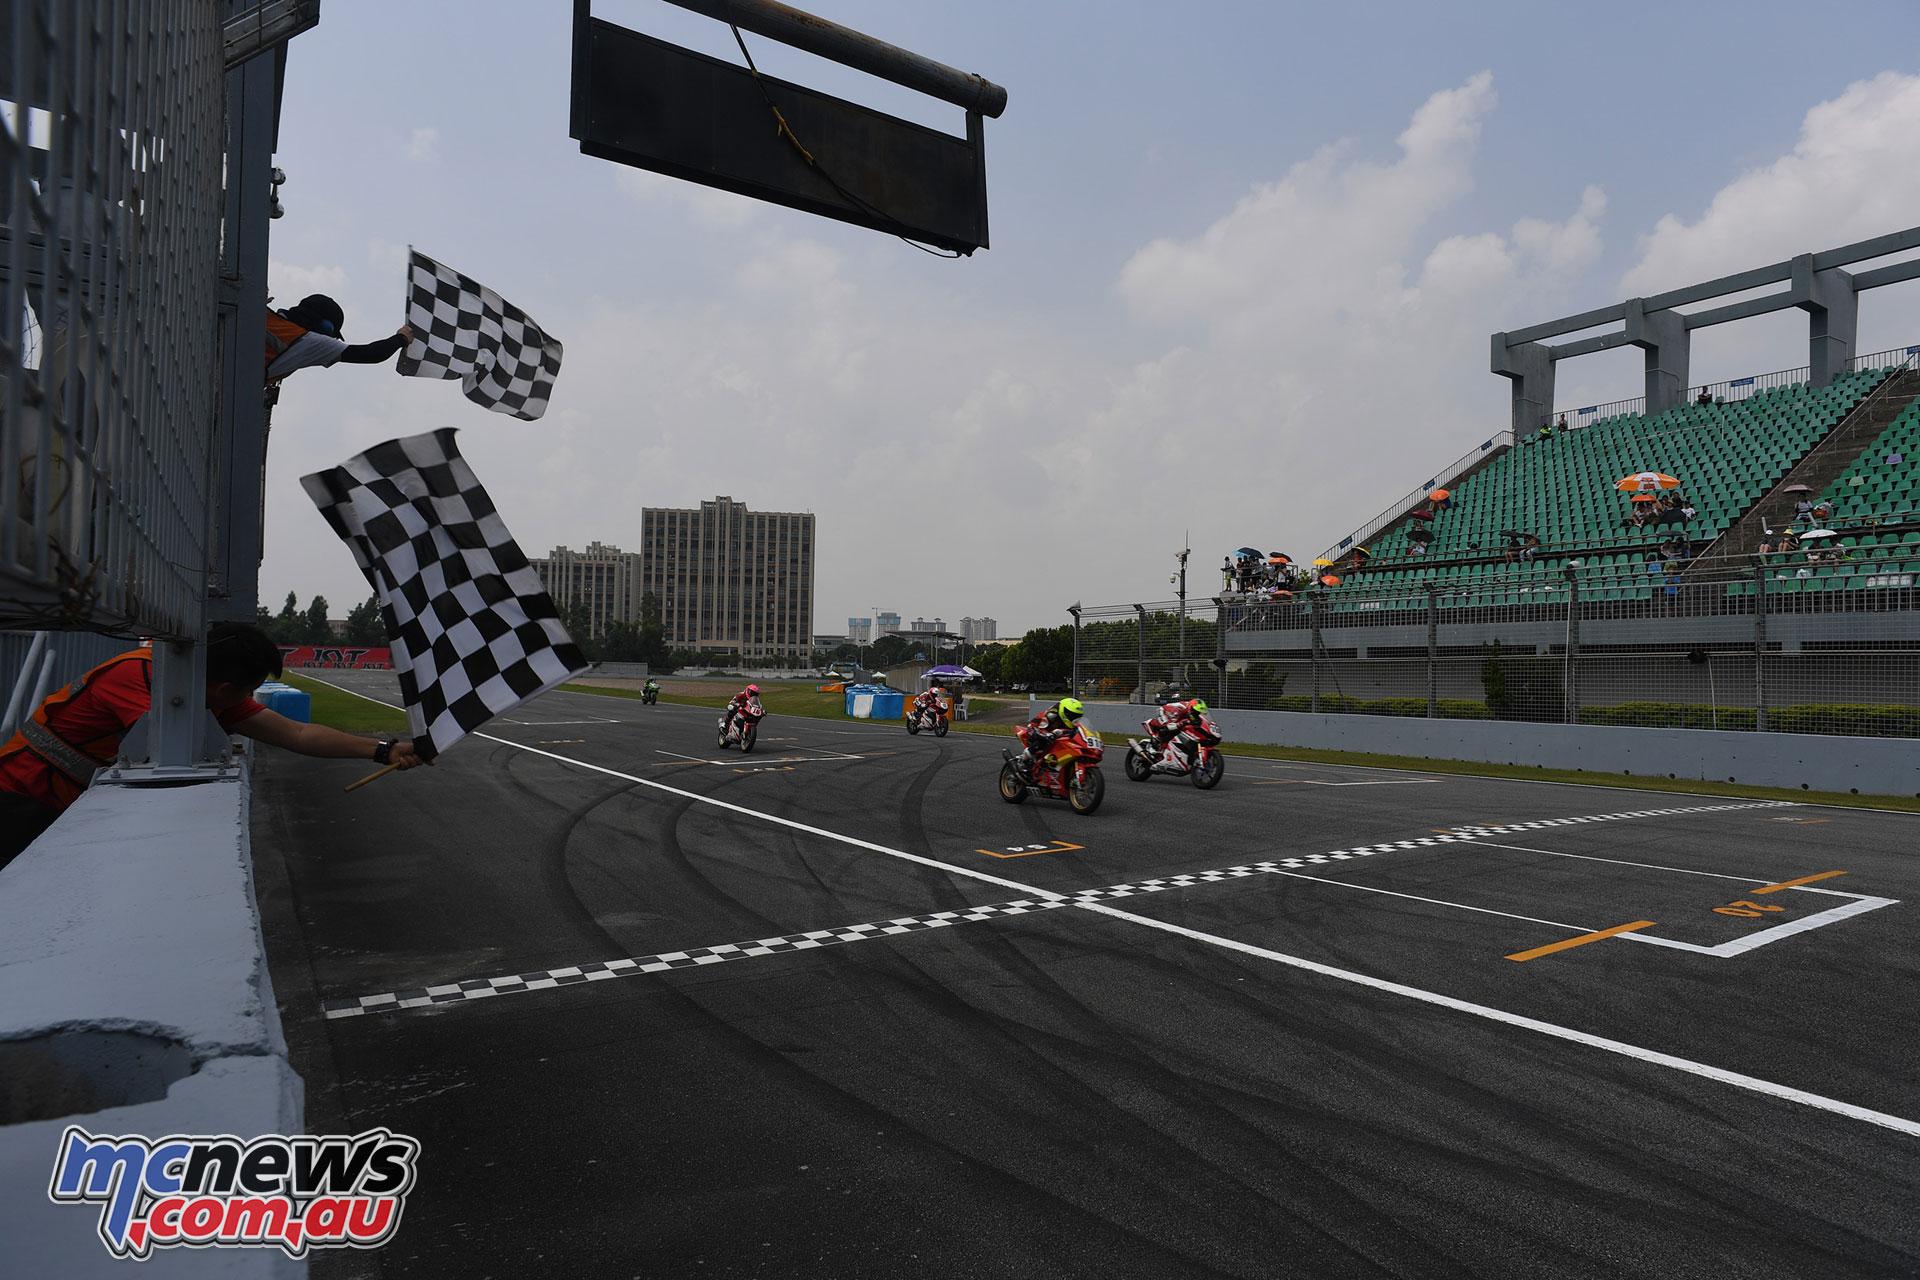 ARRC Round China ARRC AP Race Finish